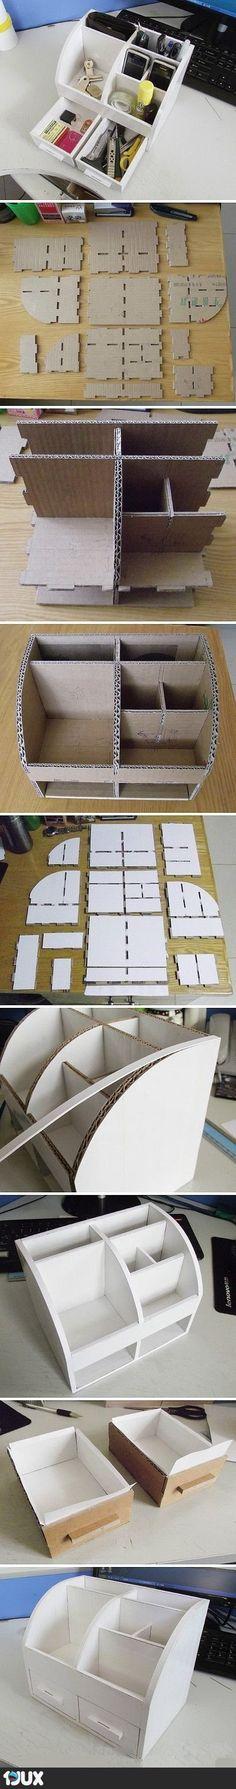 Tisch Organizer aus Pappe